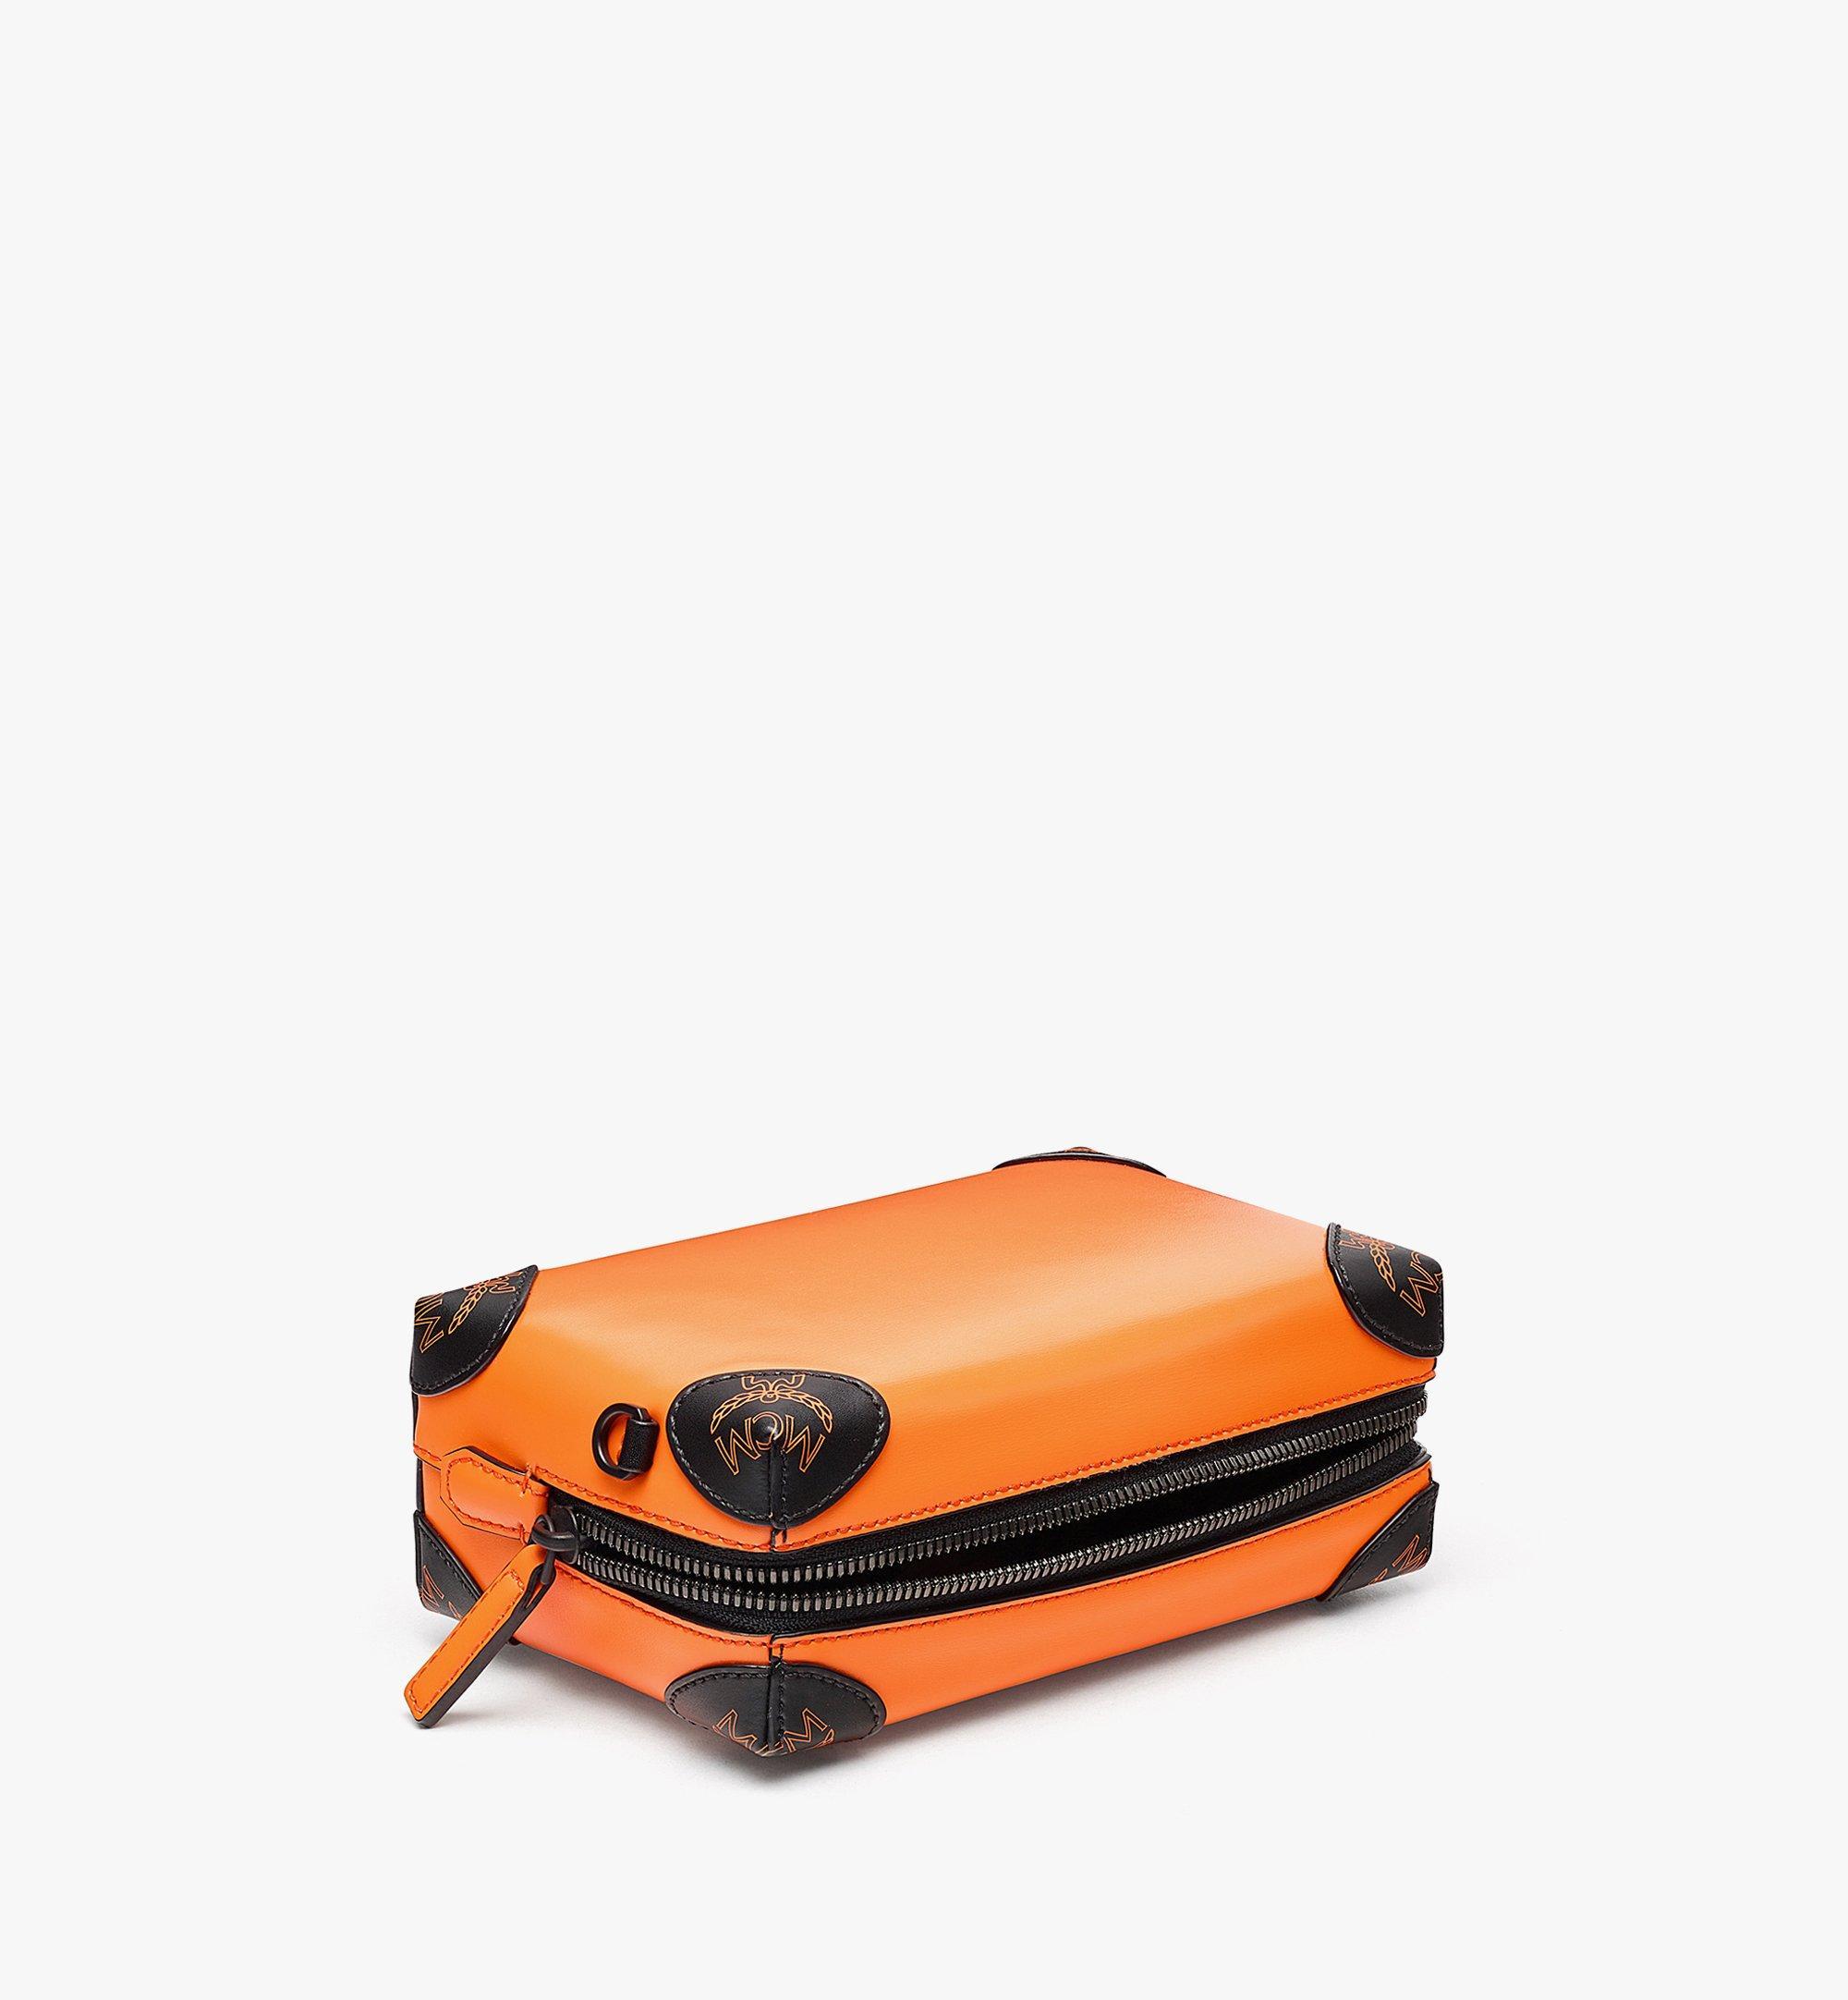 MCM SoftBerlin Crossbody-Tasche aus spanischem Leder Orange MMRBABF01O9001 Noch mehr sehen 2